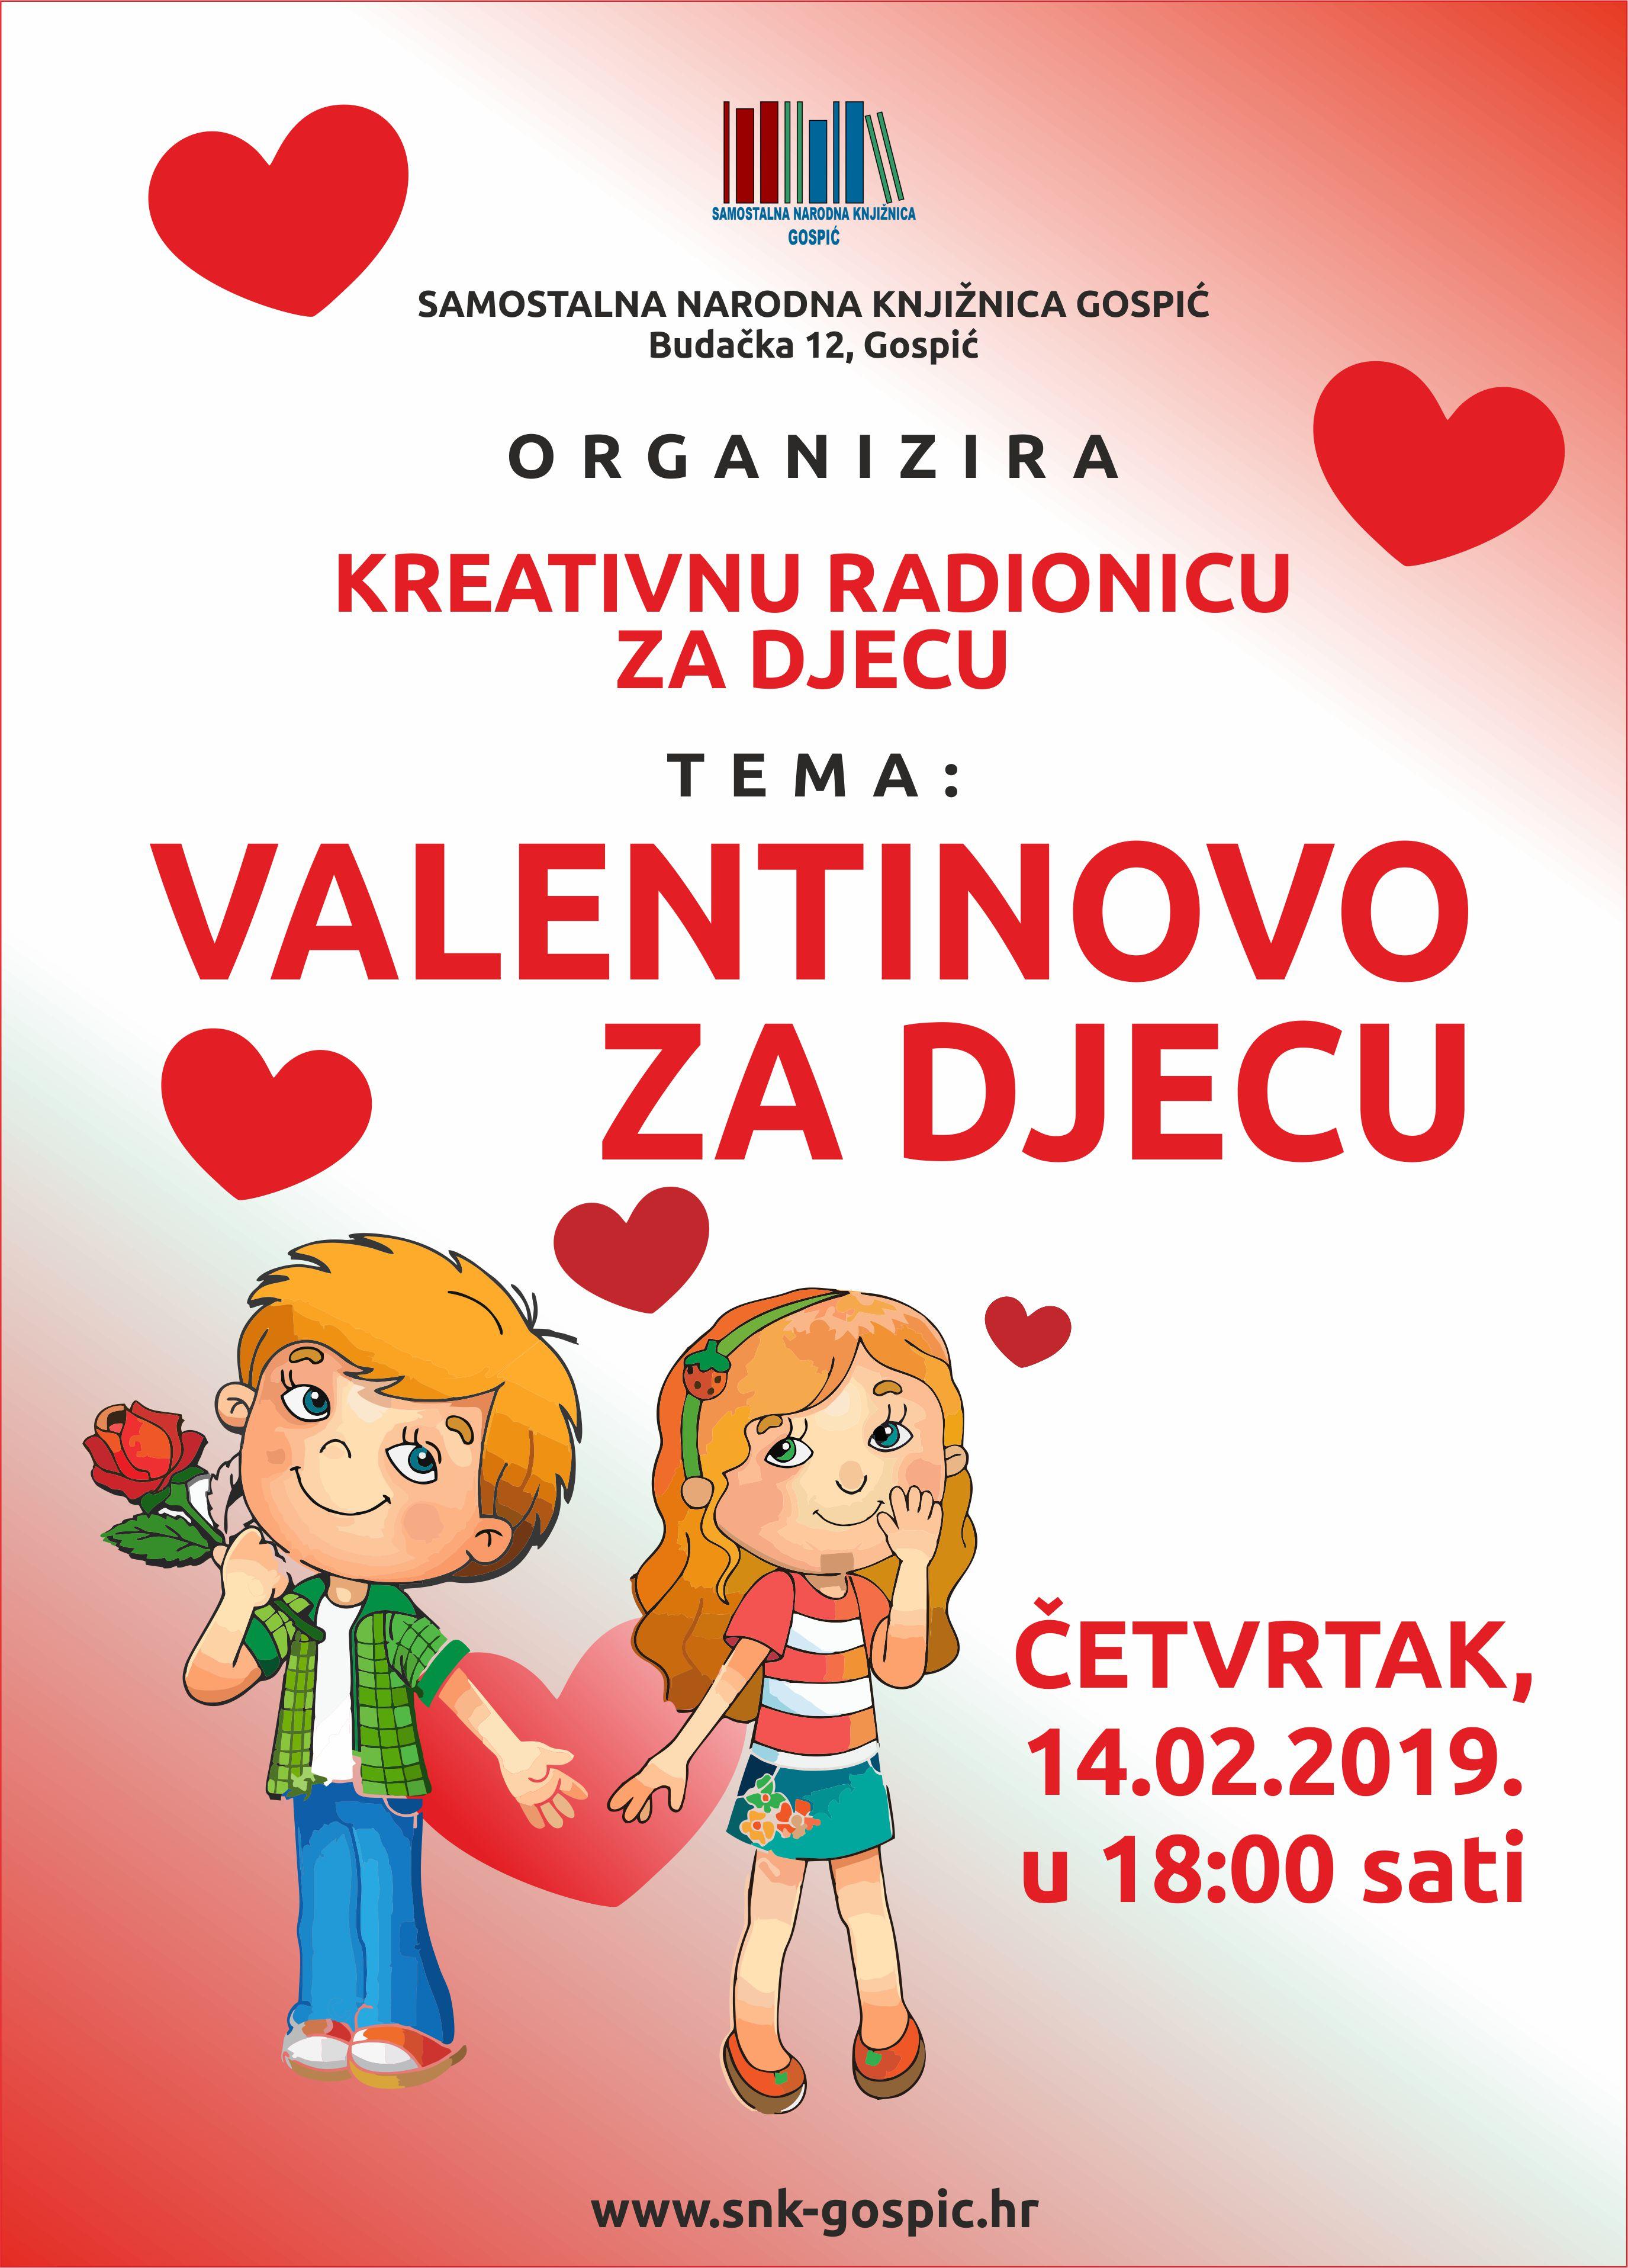 Valentinovo za djecu